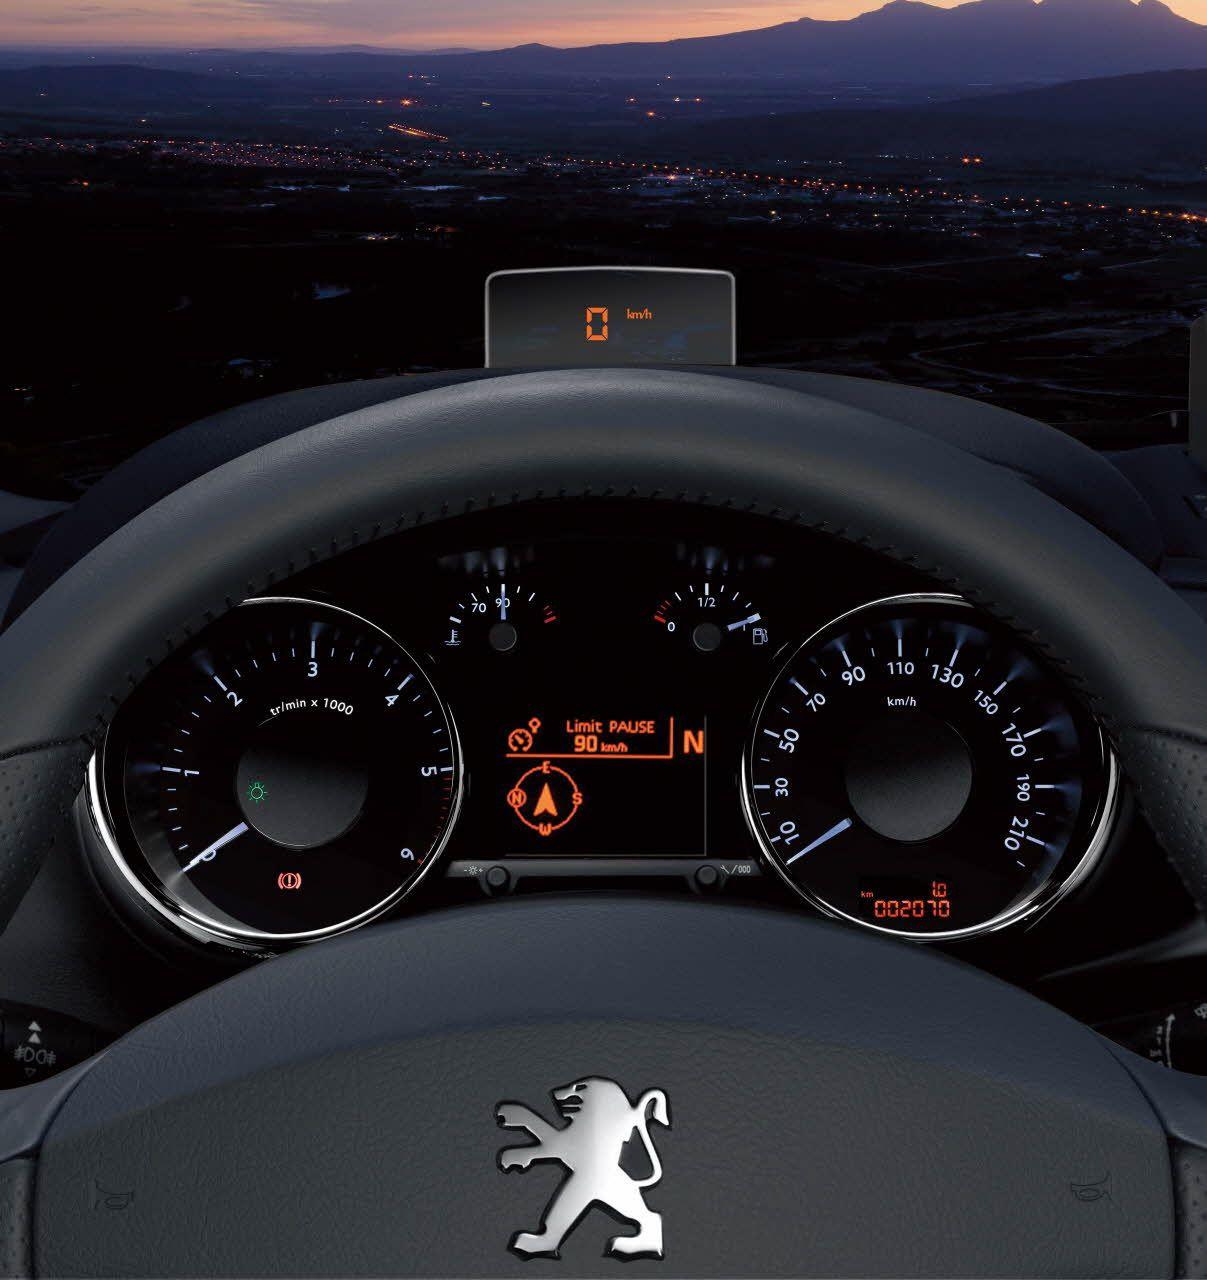 фото панели приборов машины ночью книга является